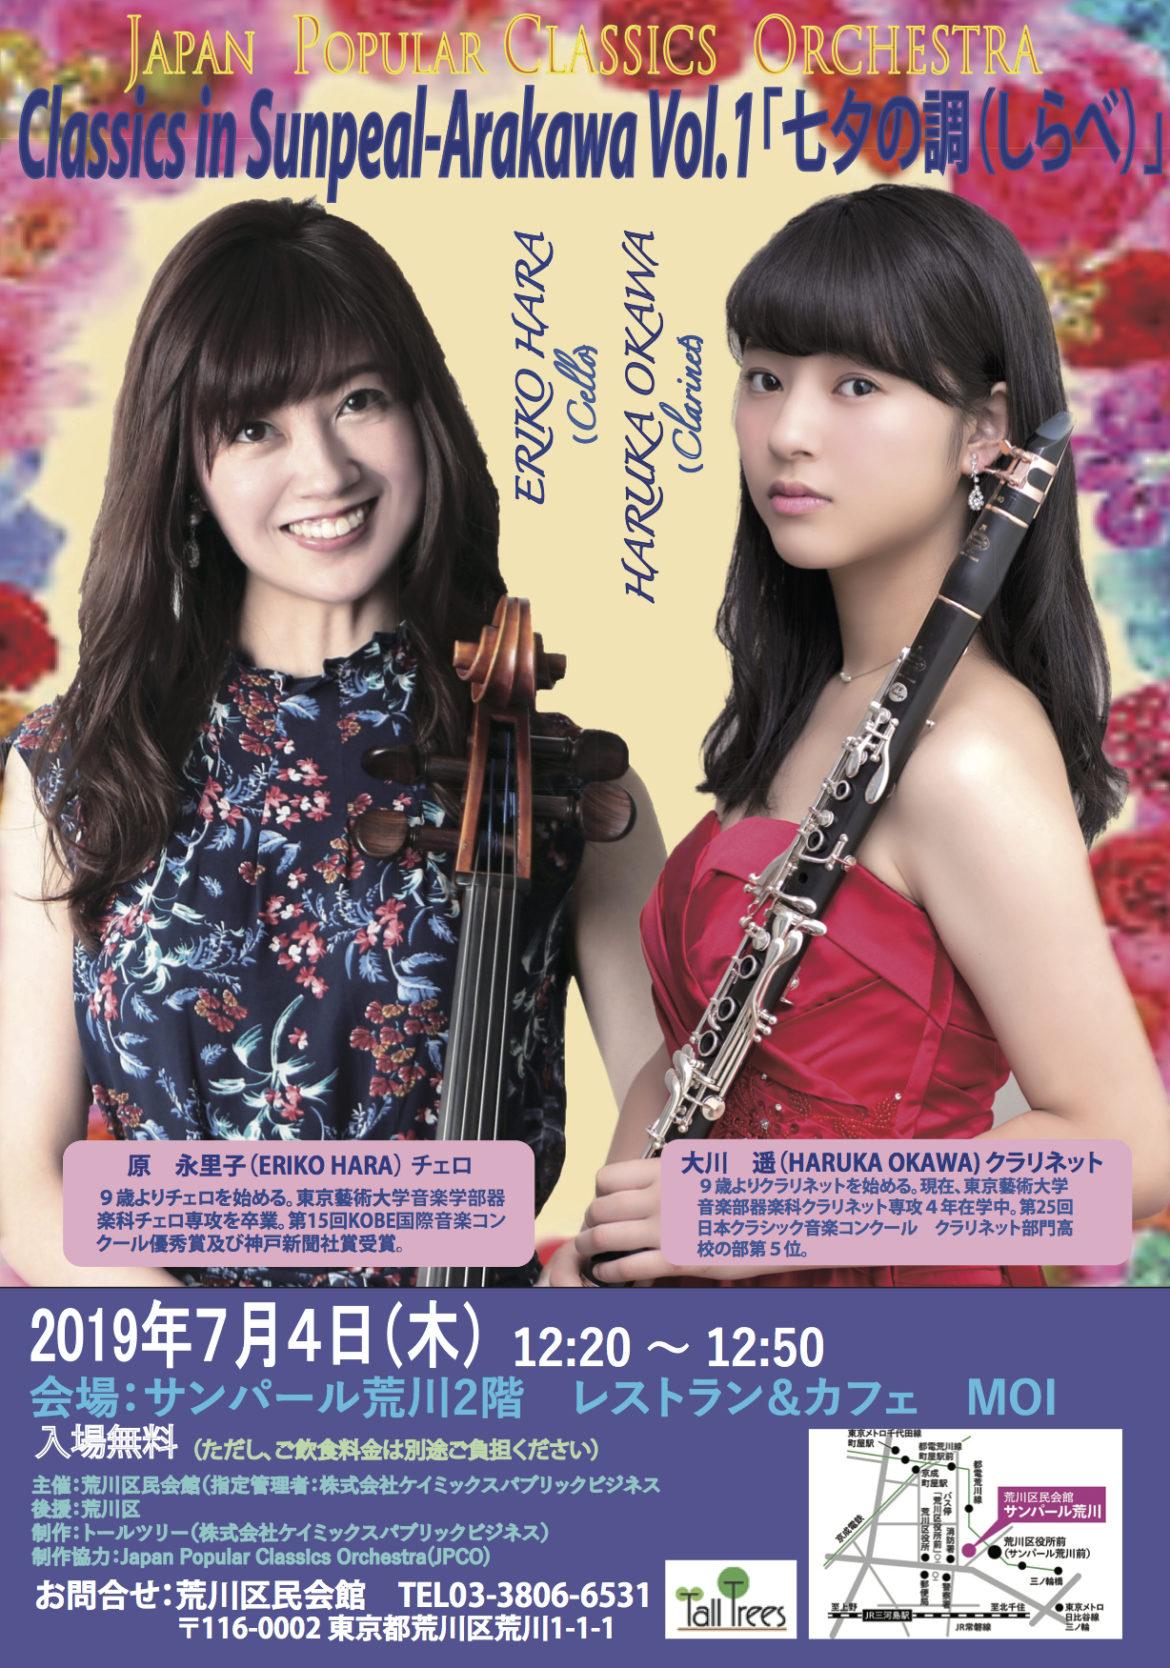 2019.7.4 Classics in Sunpearl-Arakawa vol.1 『七夕の調』